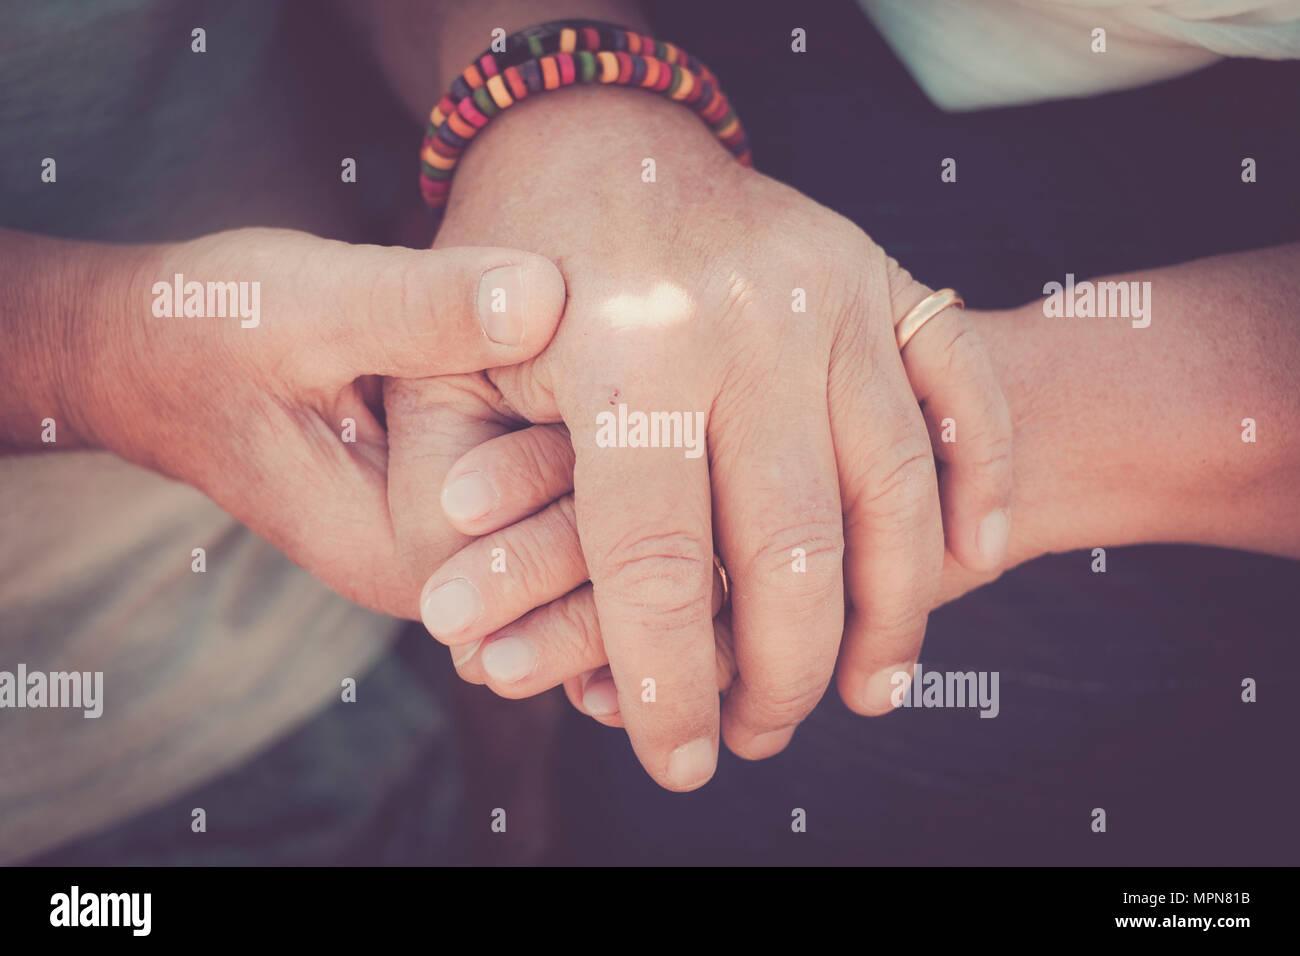 Immer tegether Konzept für ein paar ältere ältere Hände, Berühren und zusammen bleiben. Liebe Moment für ein Leben zusammen Stockfoto